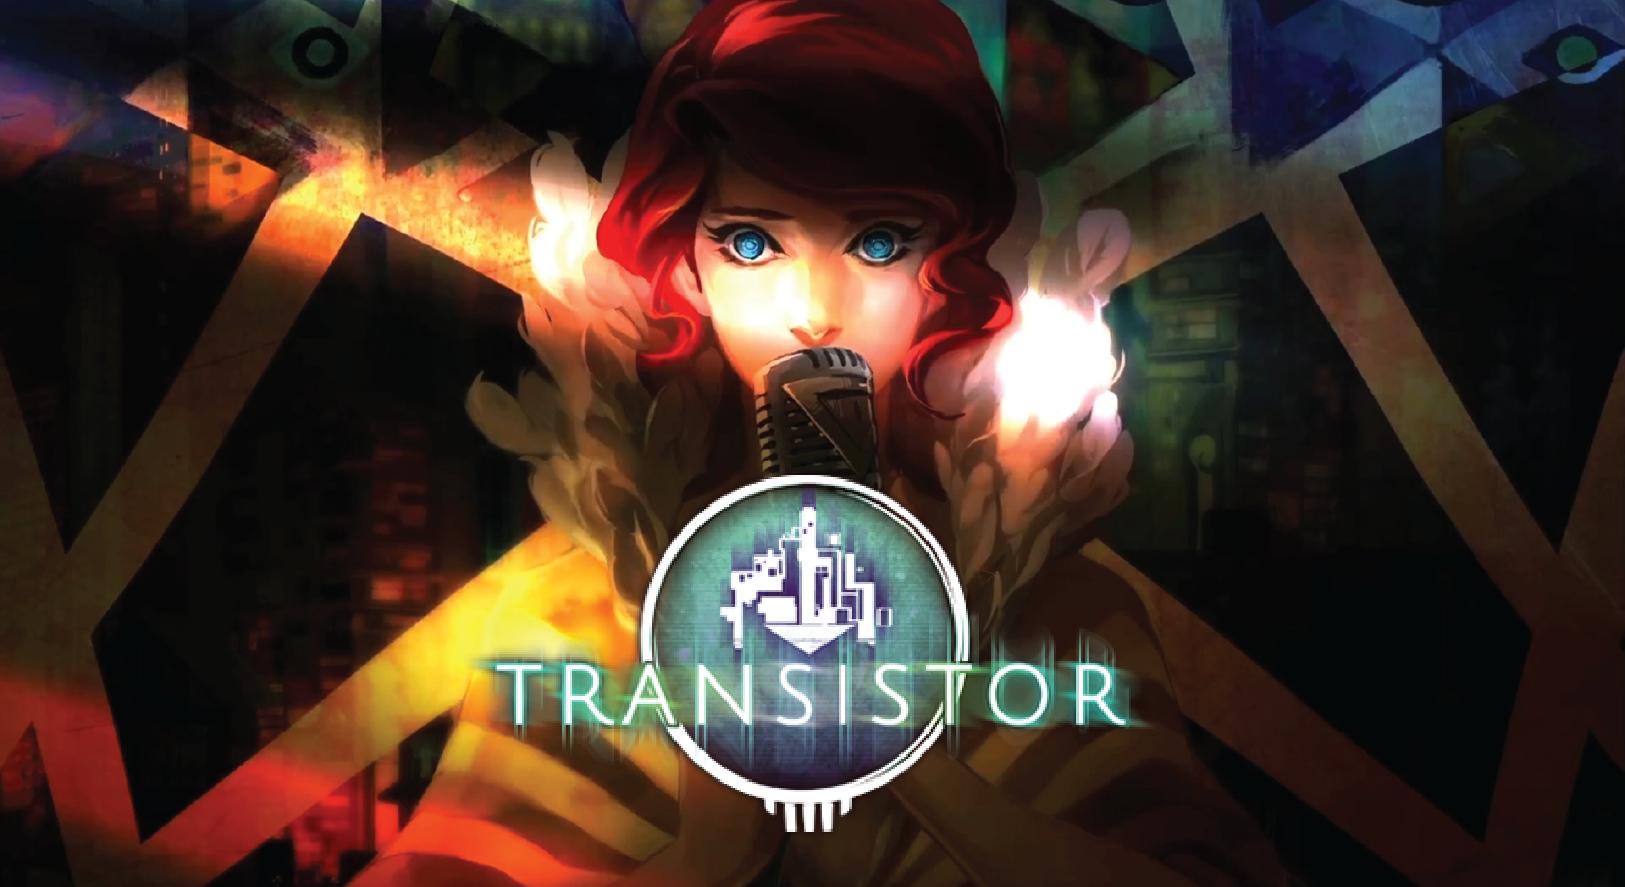 transistor_banner_2.png